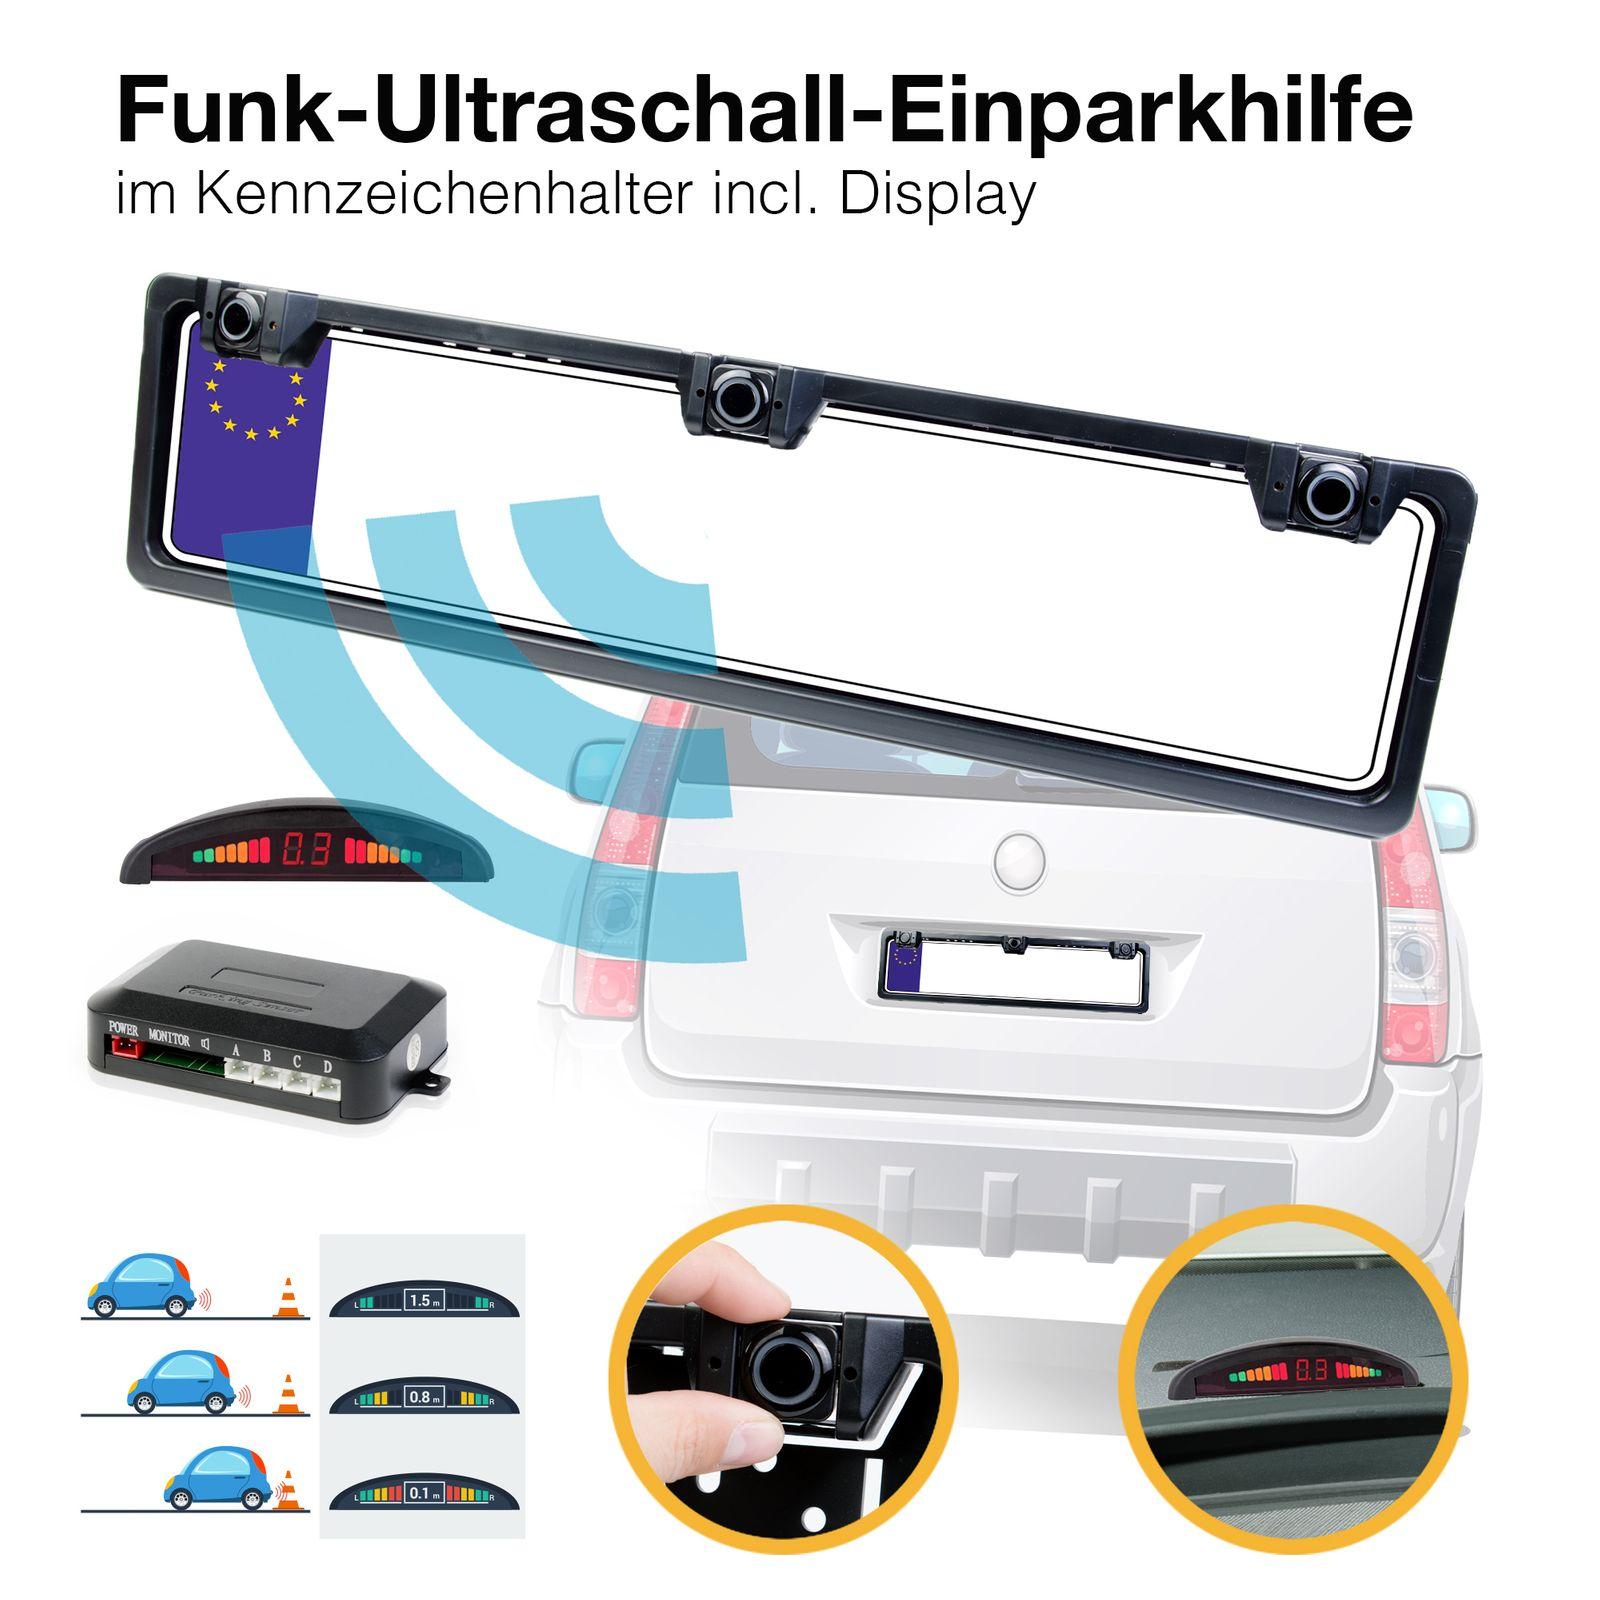 Funk Auto Einparkhilfe / KFZ Parkhilfe 4 lackierte PDC Sensoren Farbdsiplay 22 mm wasserdichte Verbinder